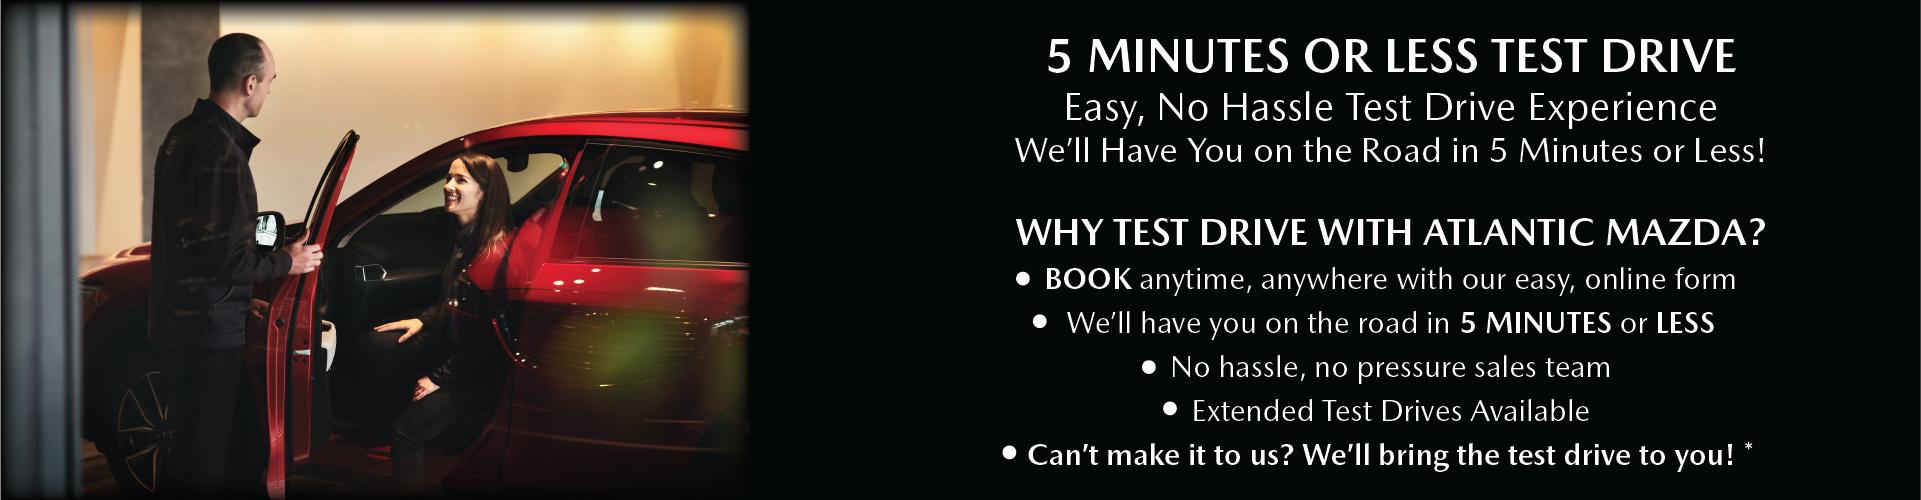 5 Minute Test Drive